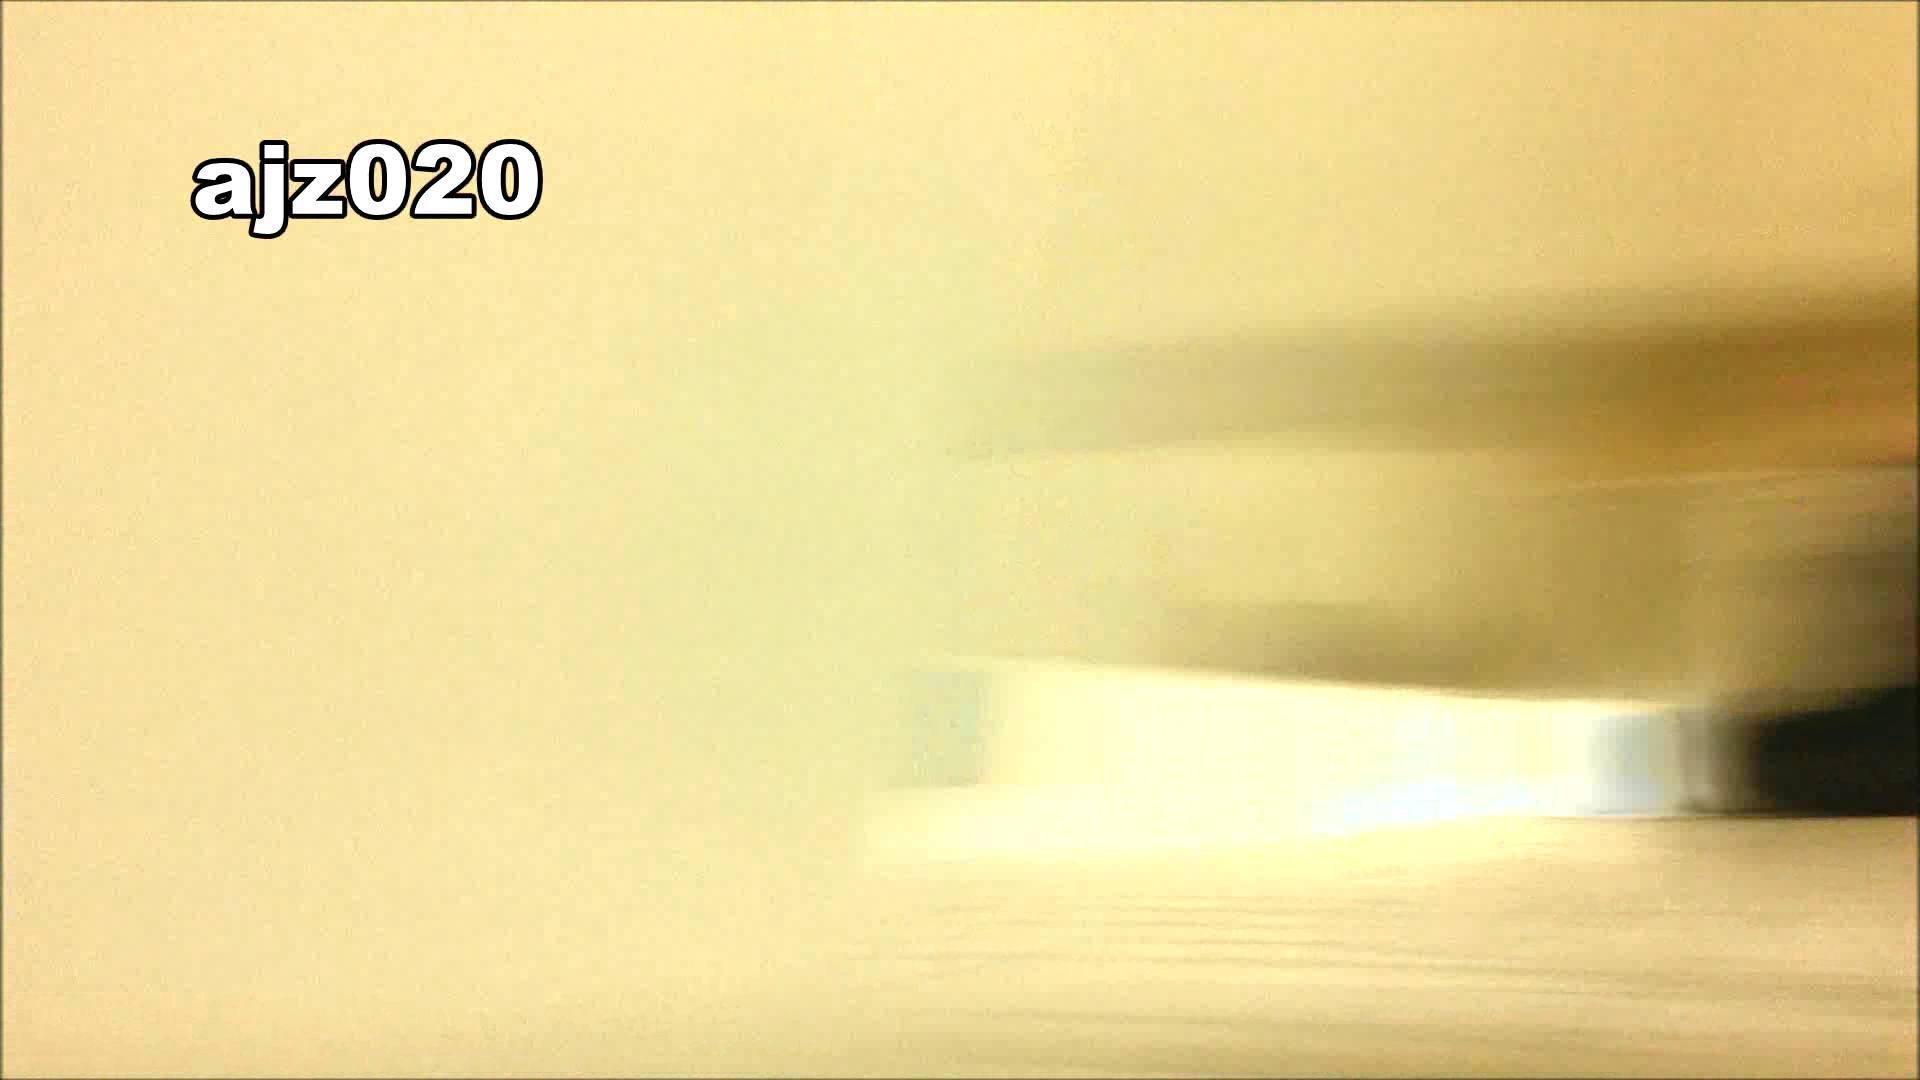 某有名大学女性洗面所 vol.20 丸見えマンコ   盛合せ  39画像 25